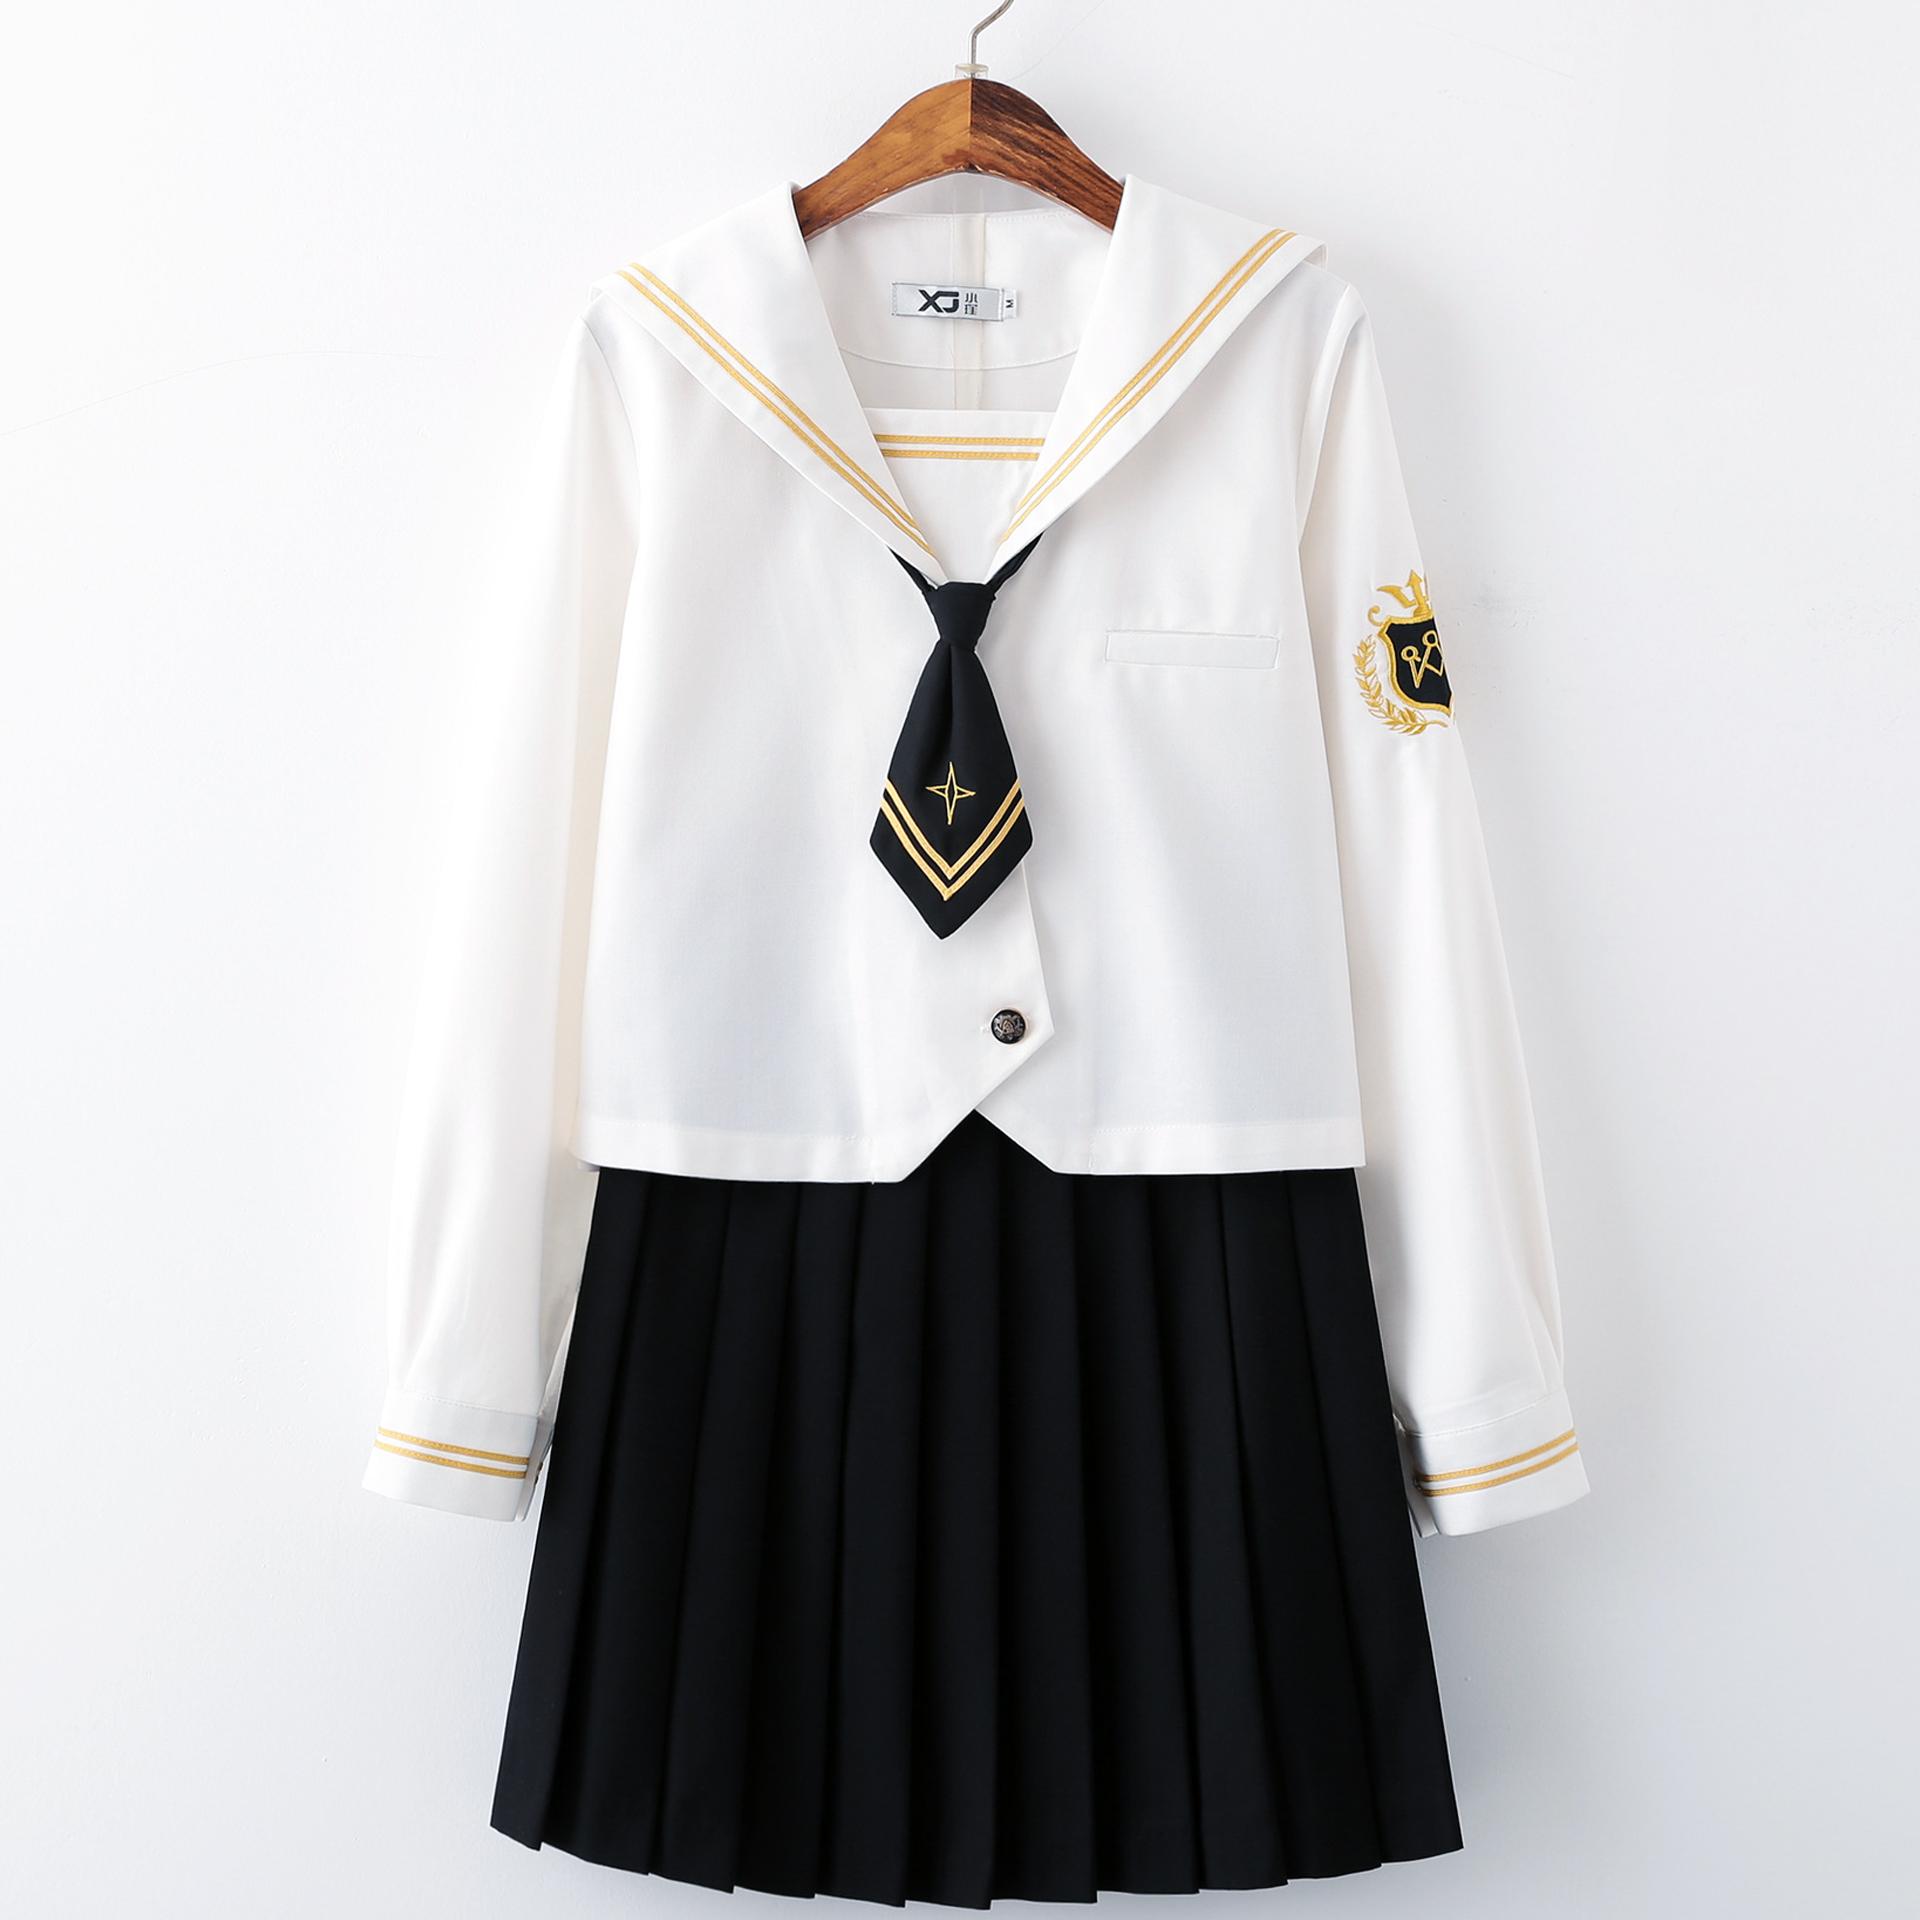 松岛秋子小姐小瑾正版司皇东JK制服水手服中间服日系少女校服套装